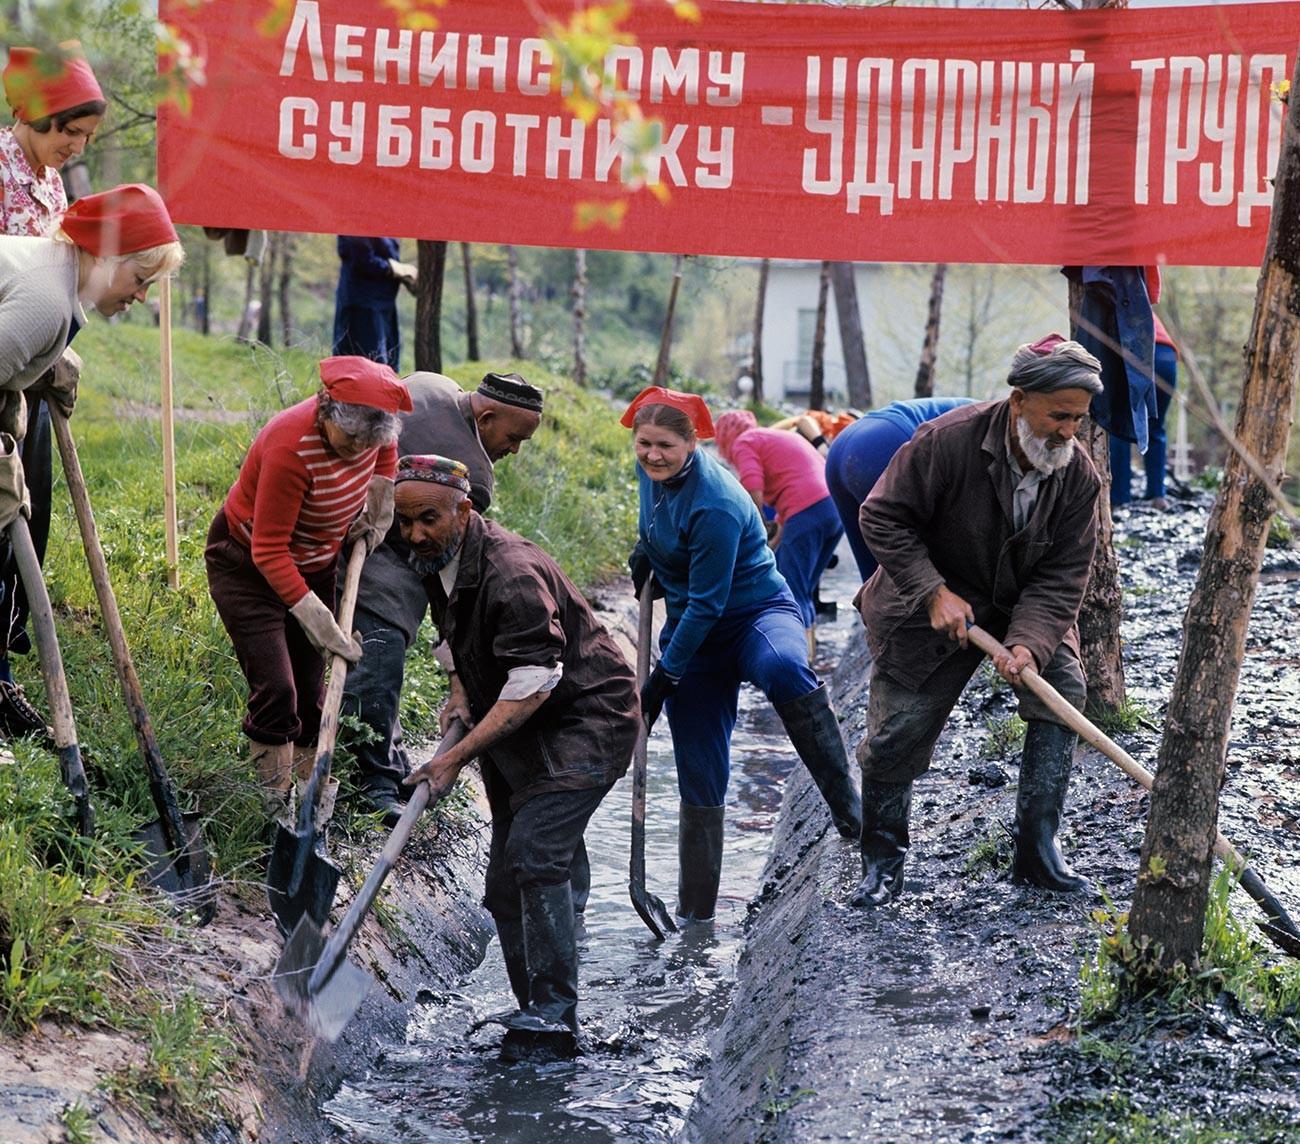 Residents of the city at the Lenin communist subbotnik.